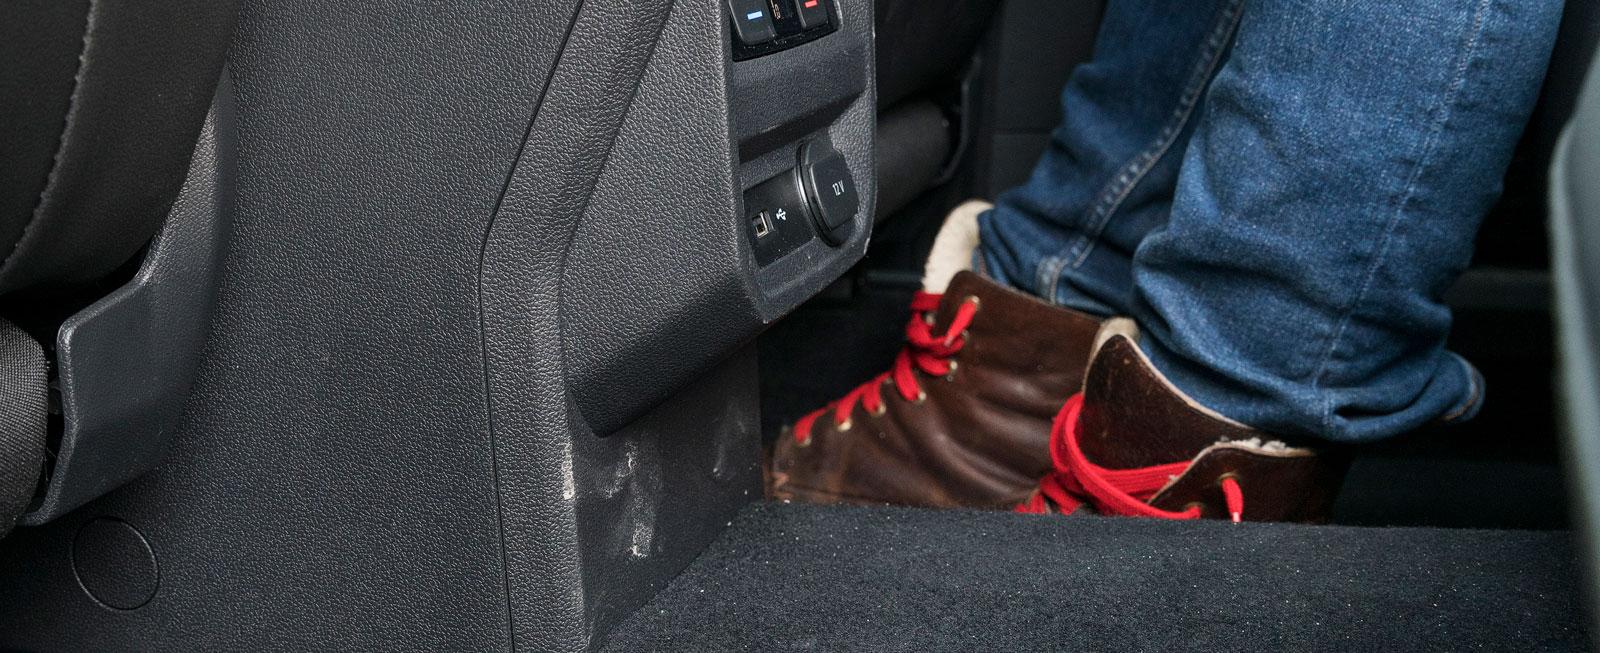 Allspace är testets enda bil med kardantunnel som stjäl plats på baksätesgolvet.